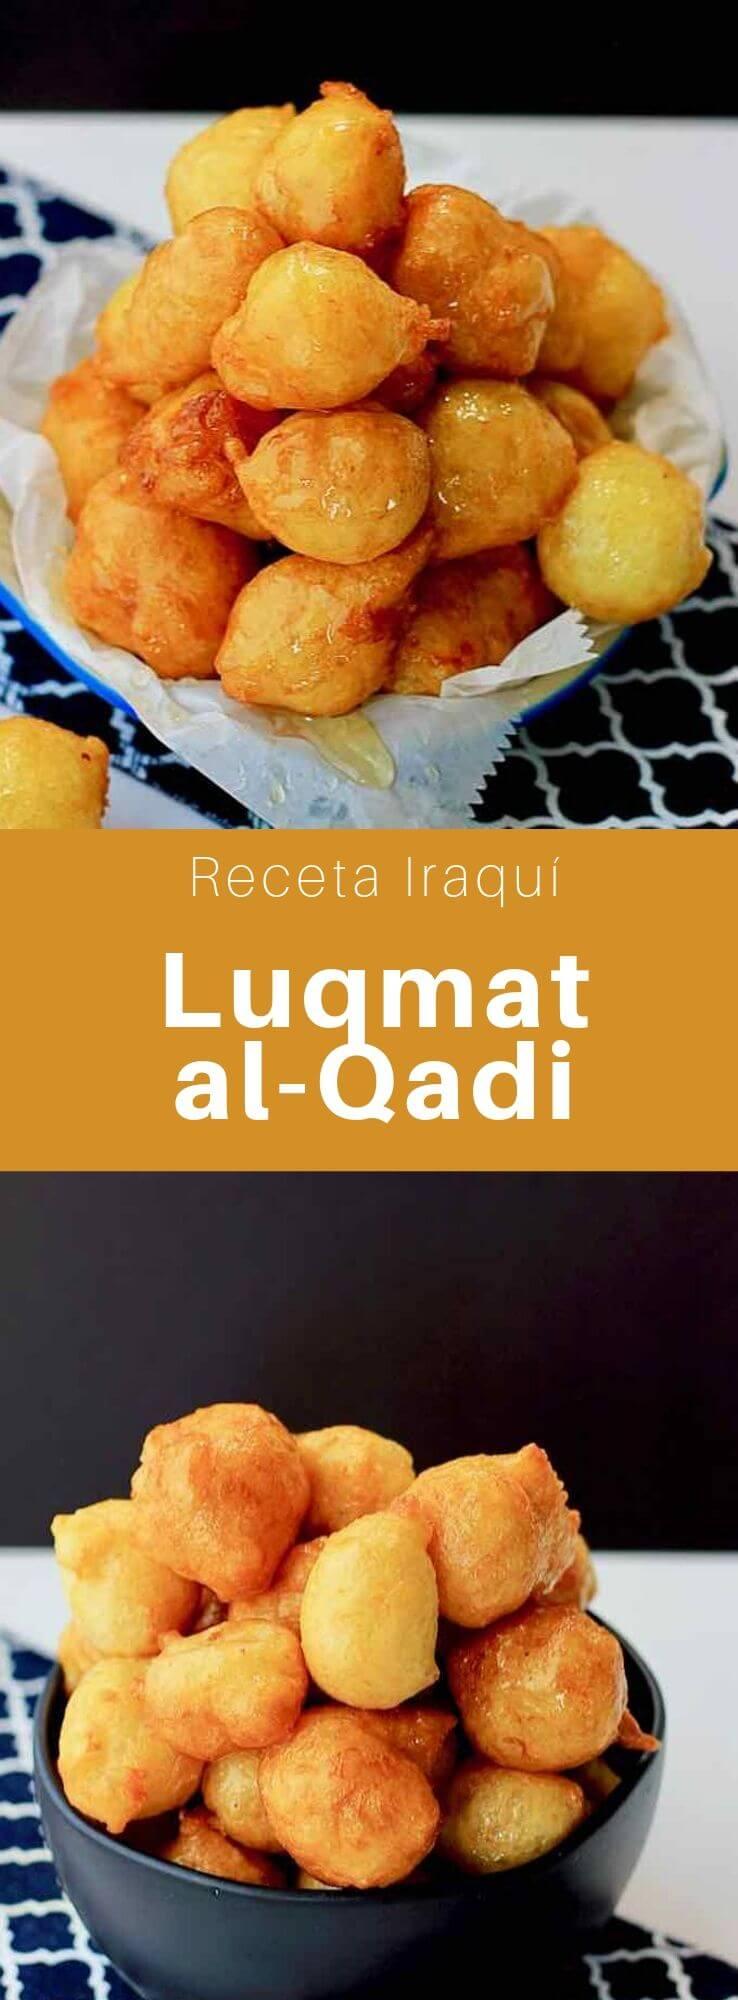 El luqmat el qadi, también llamado lokma en turco o loukoumádes en griego, es un dulce hecho con masa frita y empapada en almíbar o, a veces, miel, famoso en los países del Golfo, Egipto y los países del Levante.